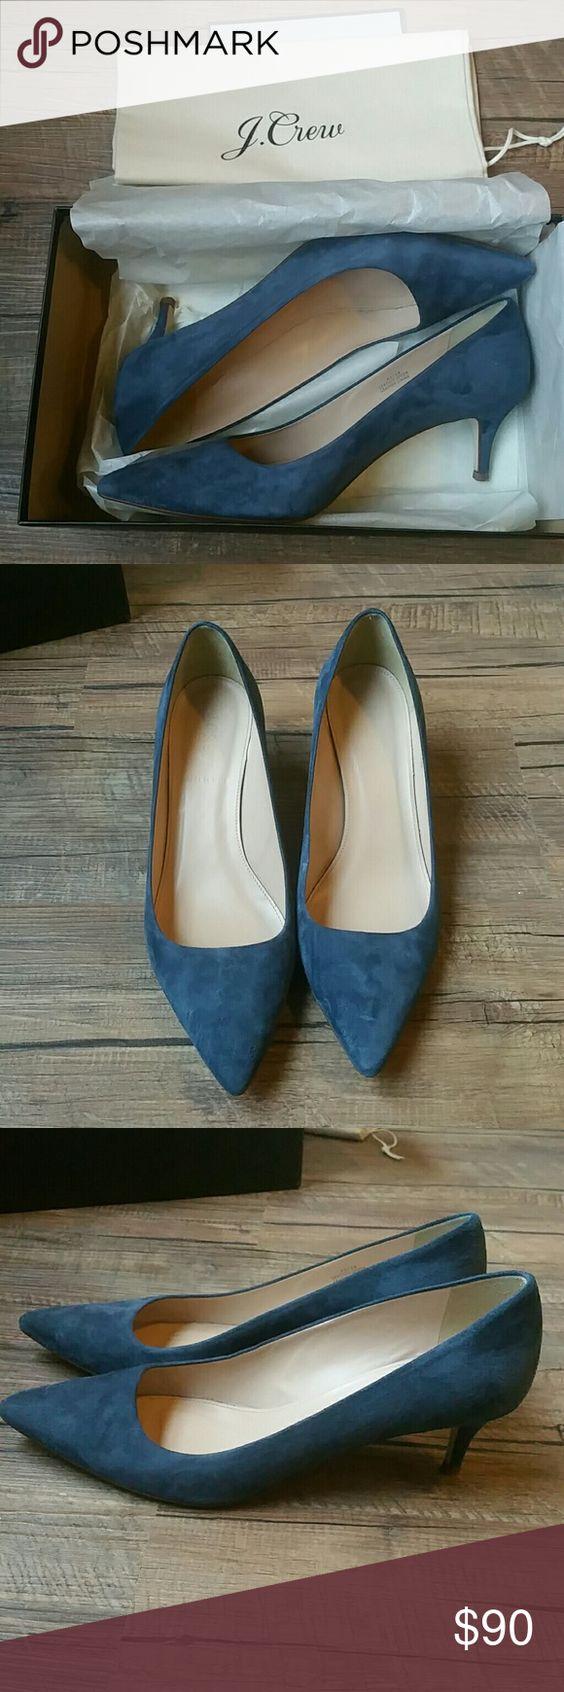 J Crew Dulci Suede Kitten Heel Kitten Heels Kitten Heel Shoes Me Too Shoes